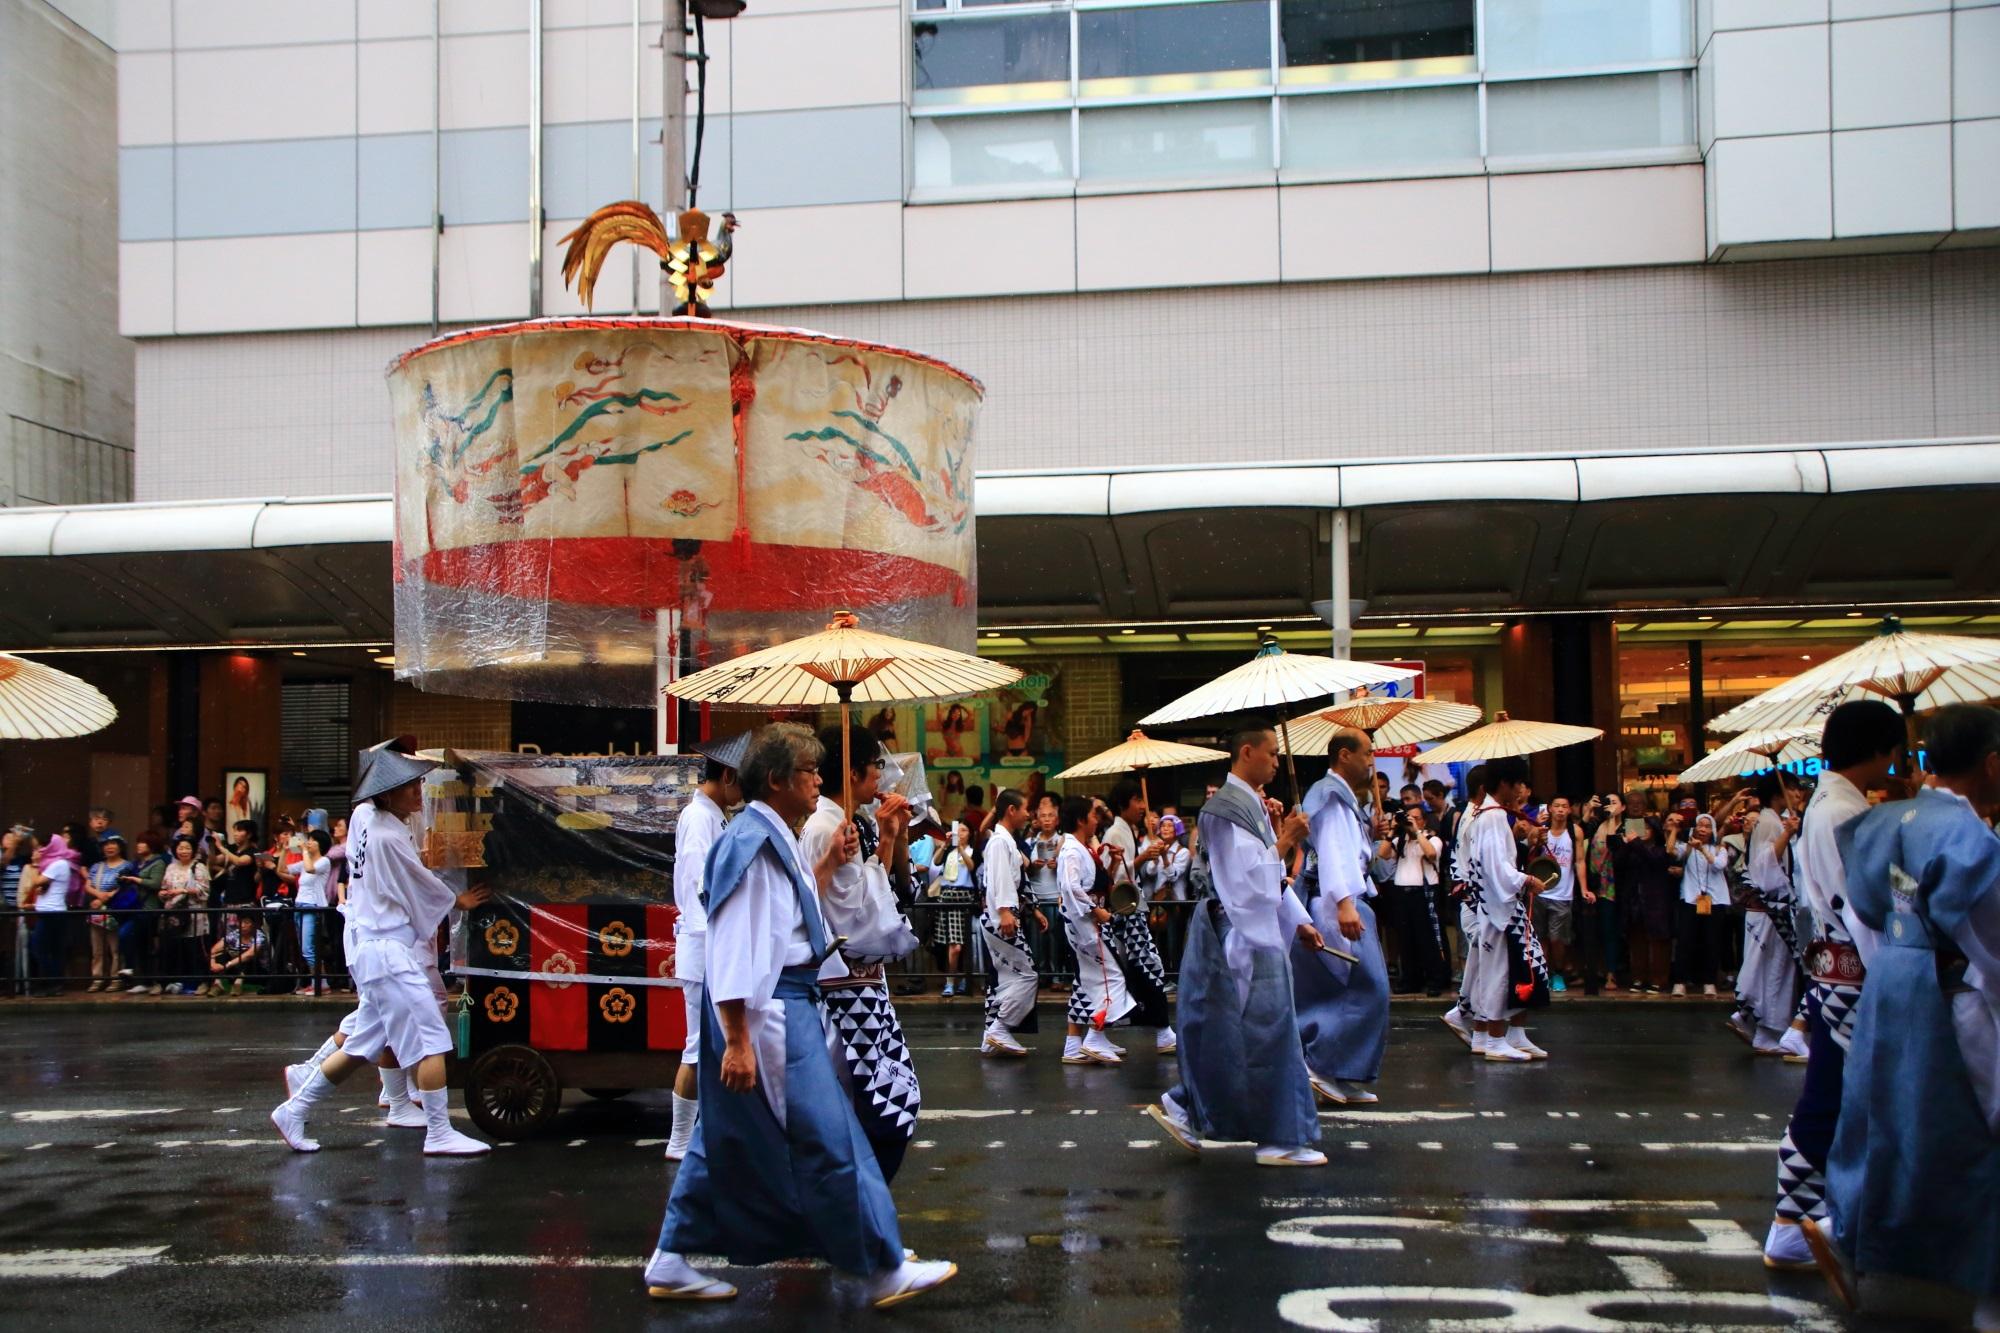 祇園祭の山鉾巡行(前祭)の綾傘鉾(あやかさほこ)